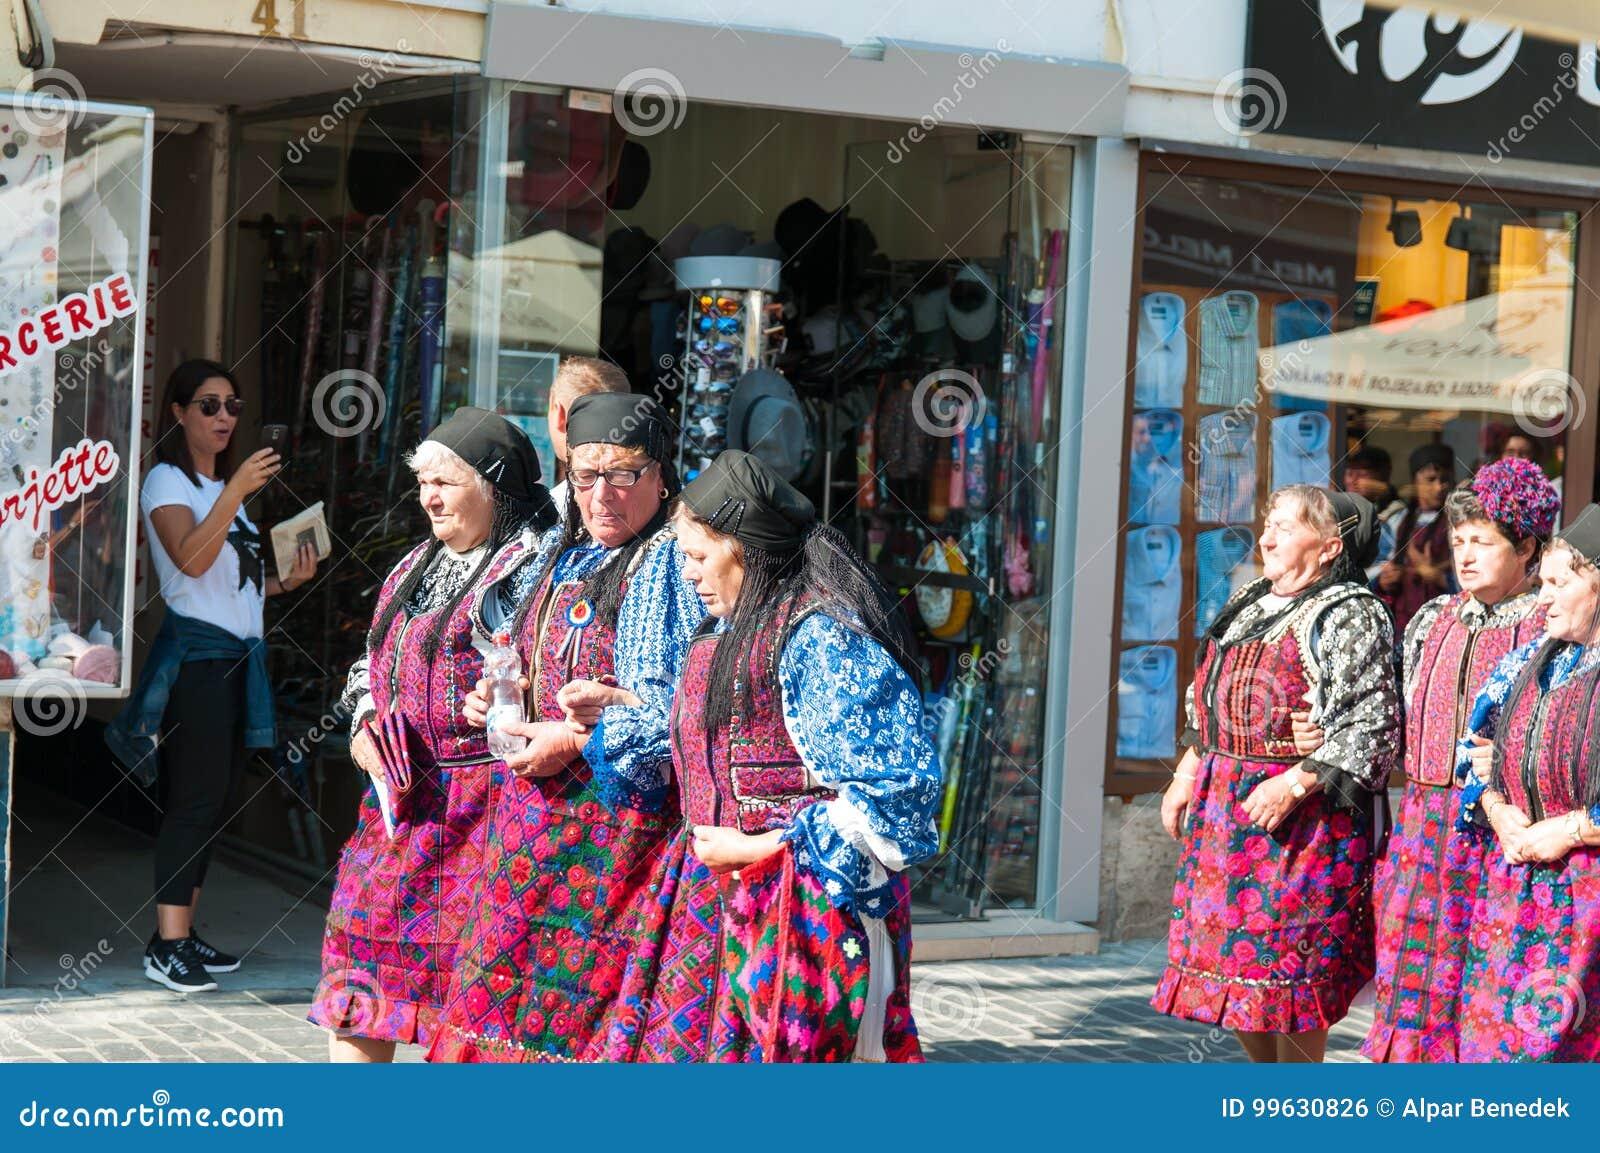 Roemeense traditionele volksdansgroep